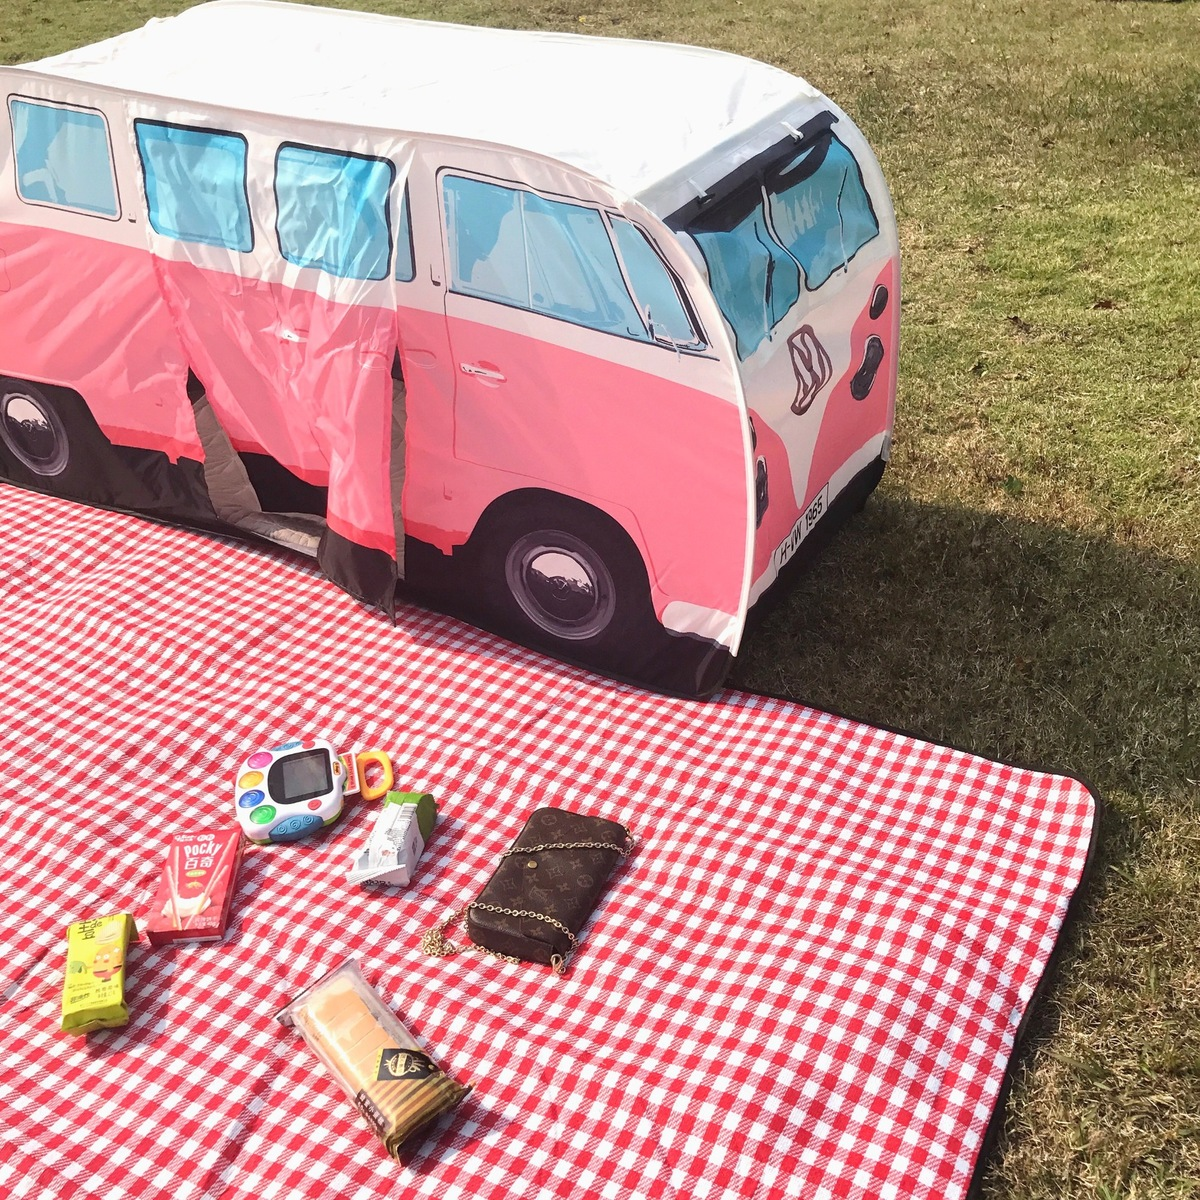 2018 NOUVEAU Automobile 3 Personne Pliant Toile Deux Chambre Voyage Auvent De Voiture D'été Tente Camping Chapiteau Tentes